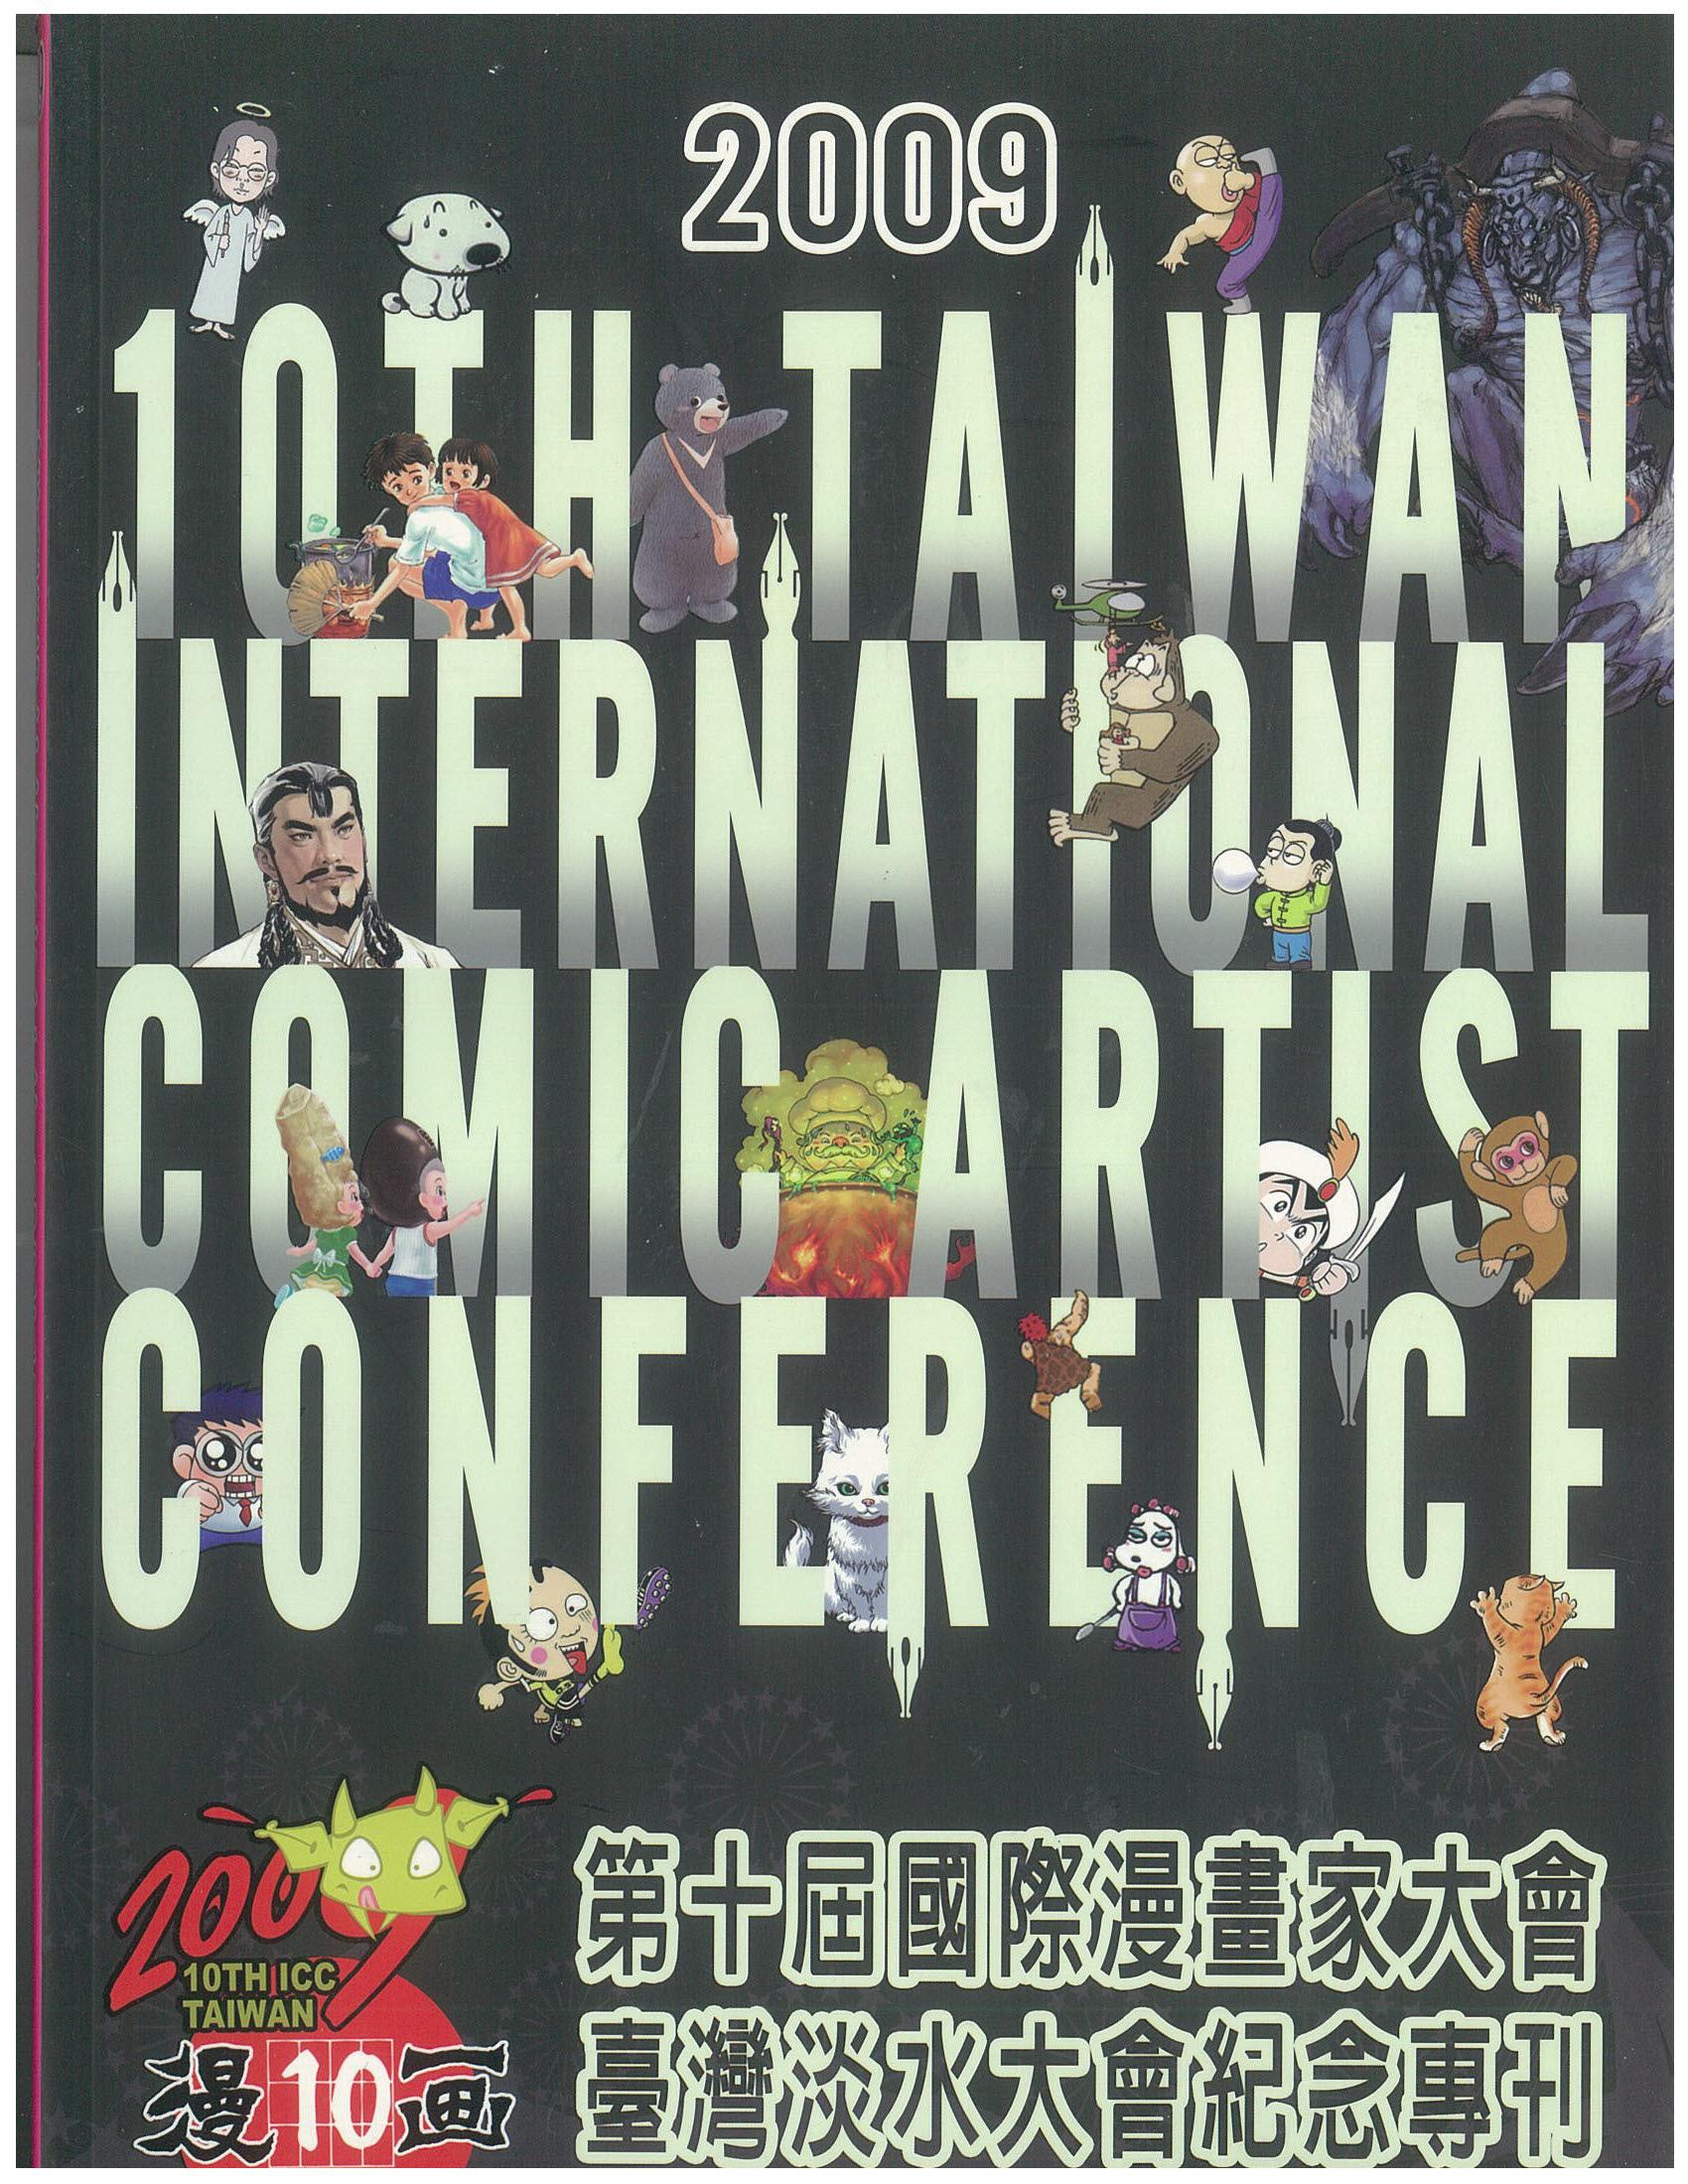 국제만화가대회 도록2009.jpg